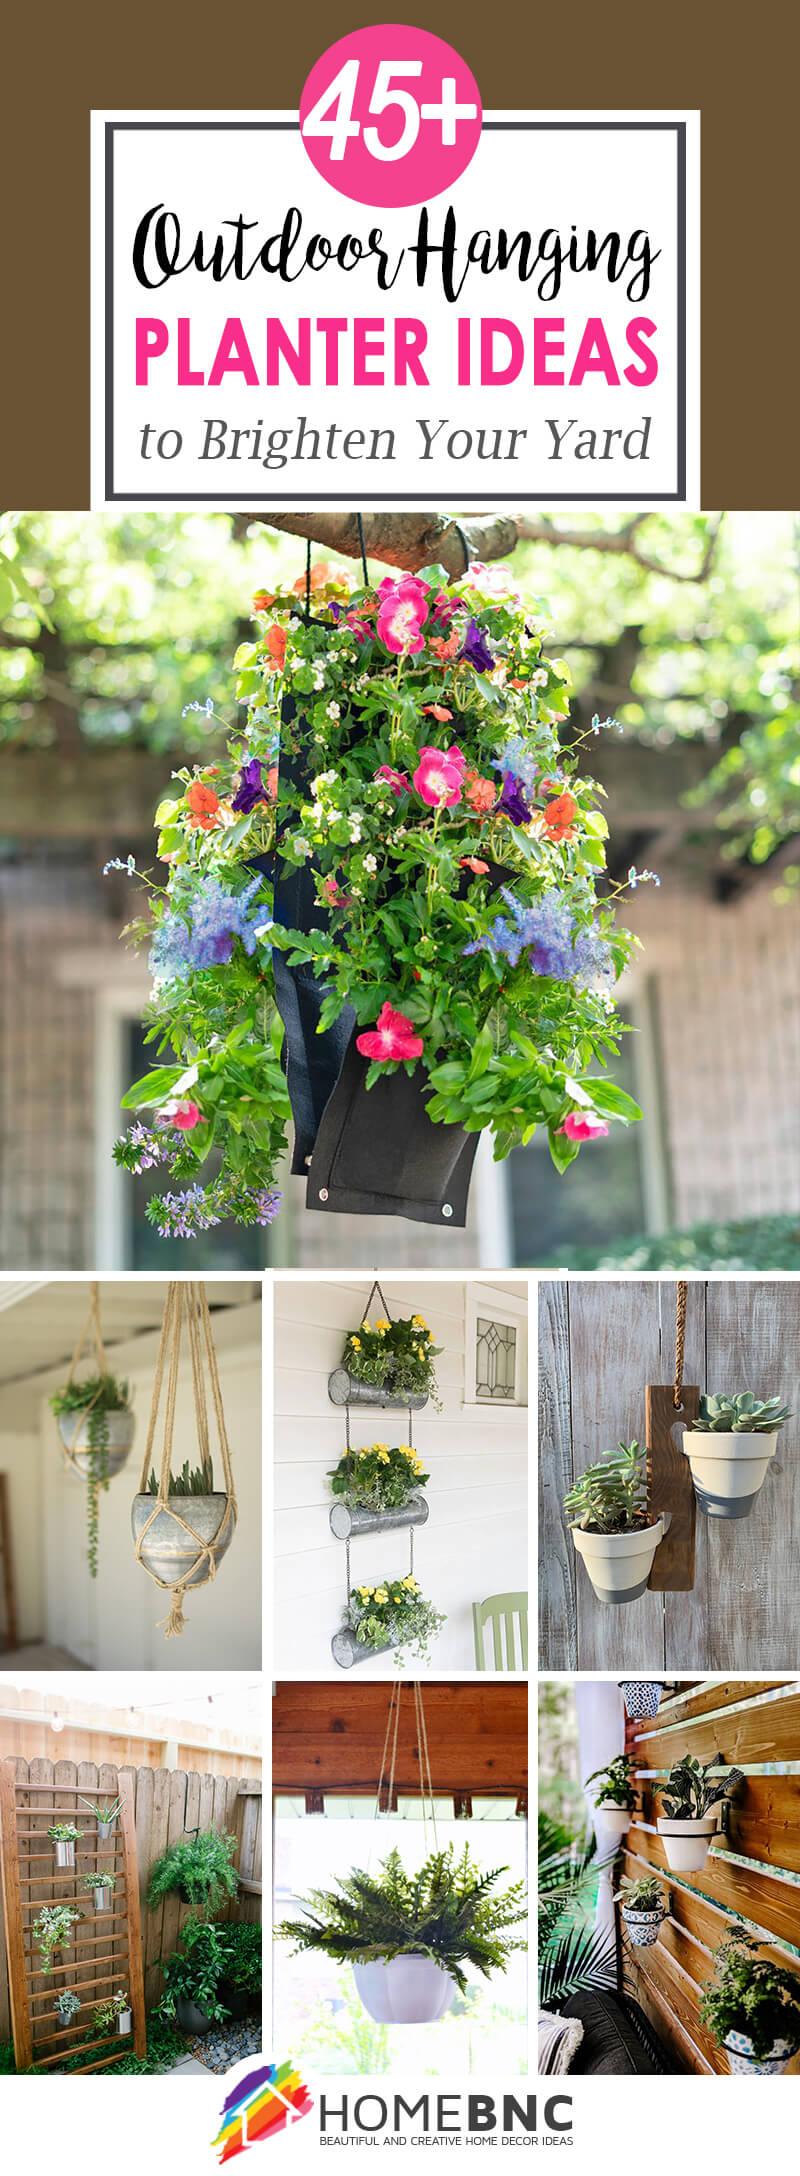 Best Outdoor Hanging Planter Ideas